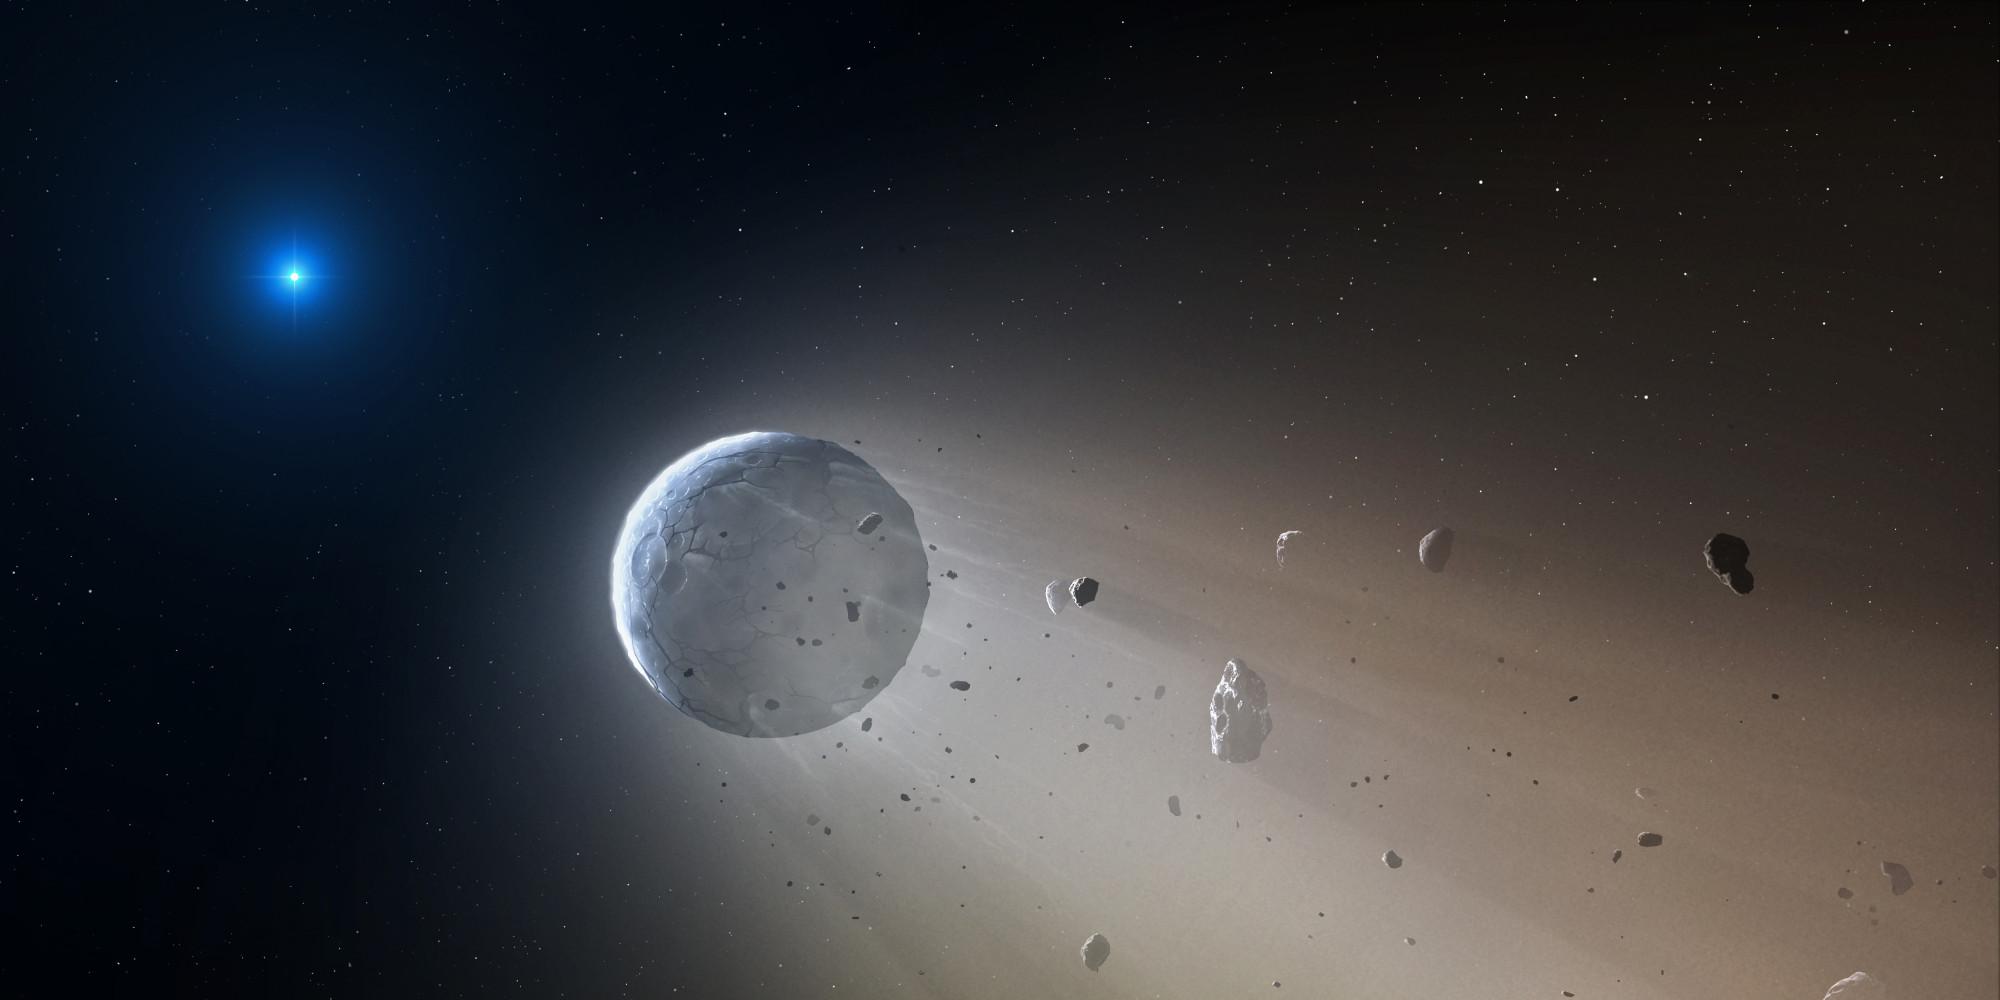 solar system nasa com - photo #24